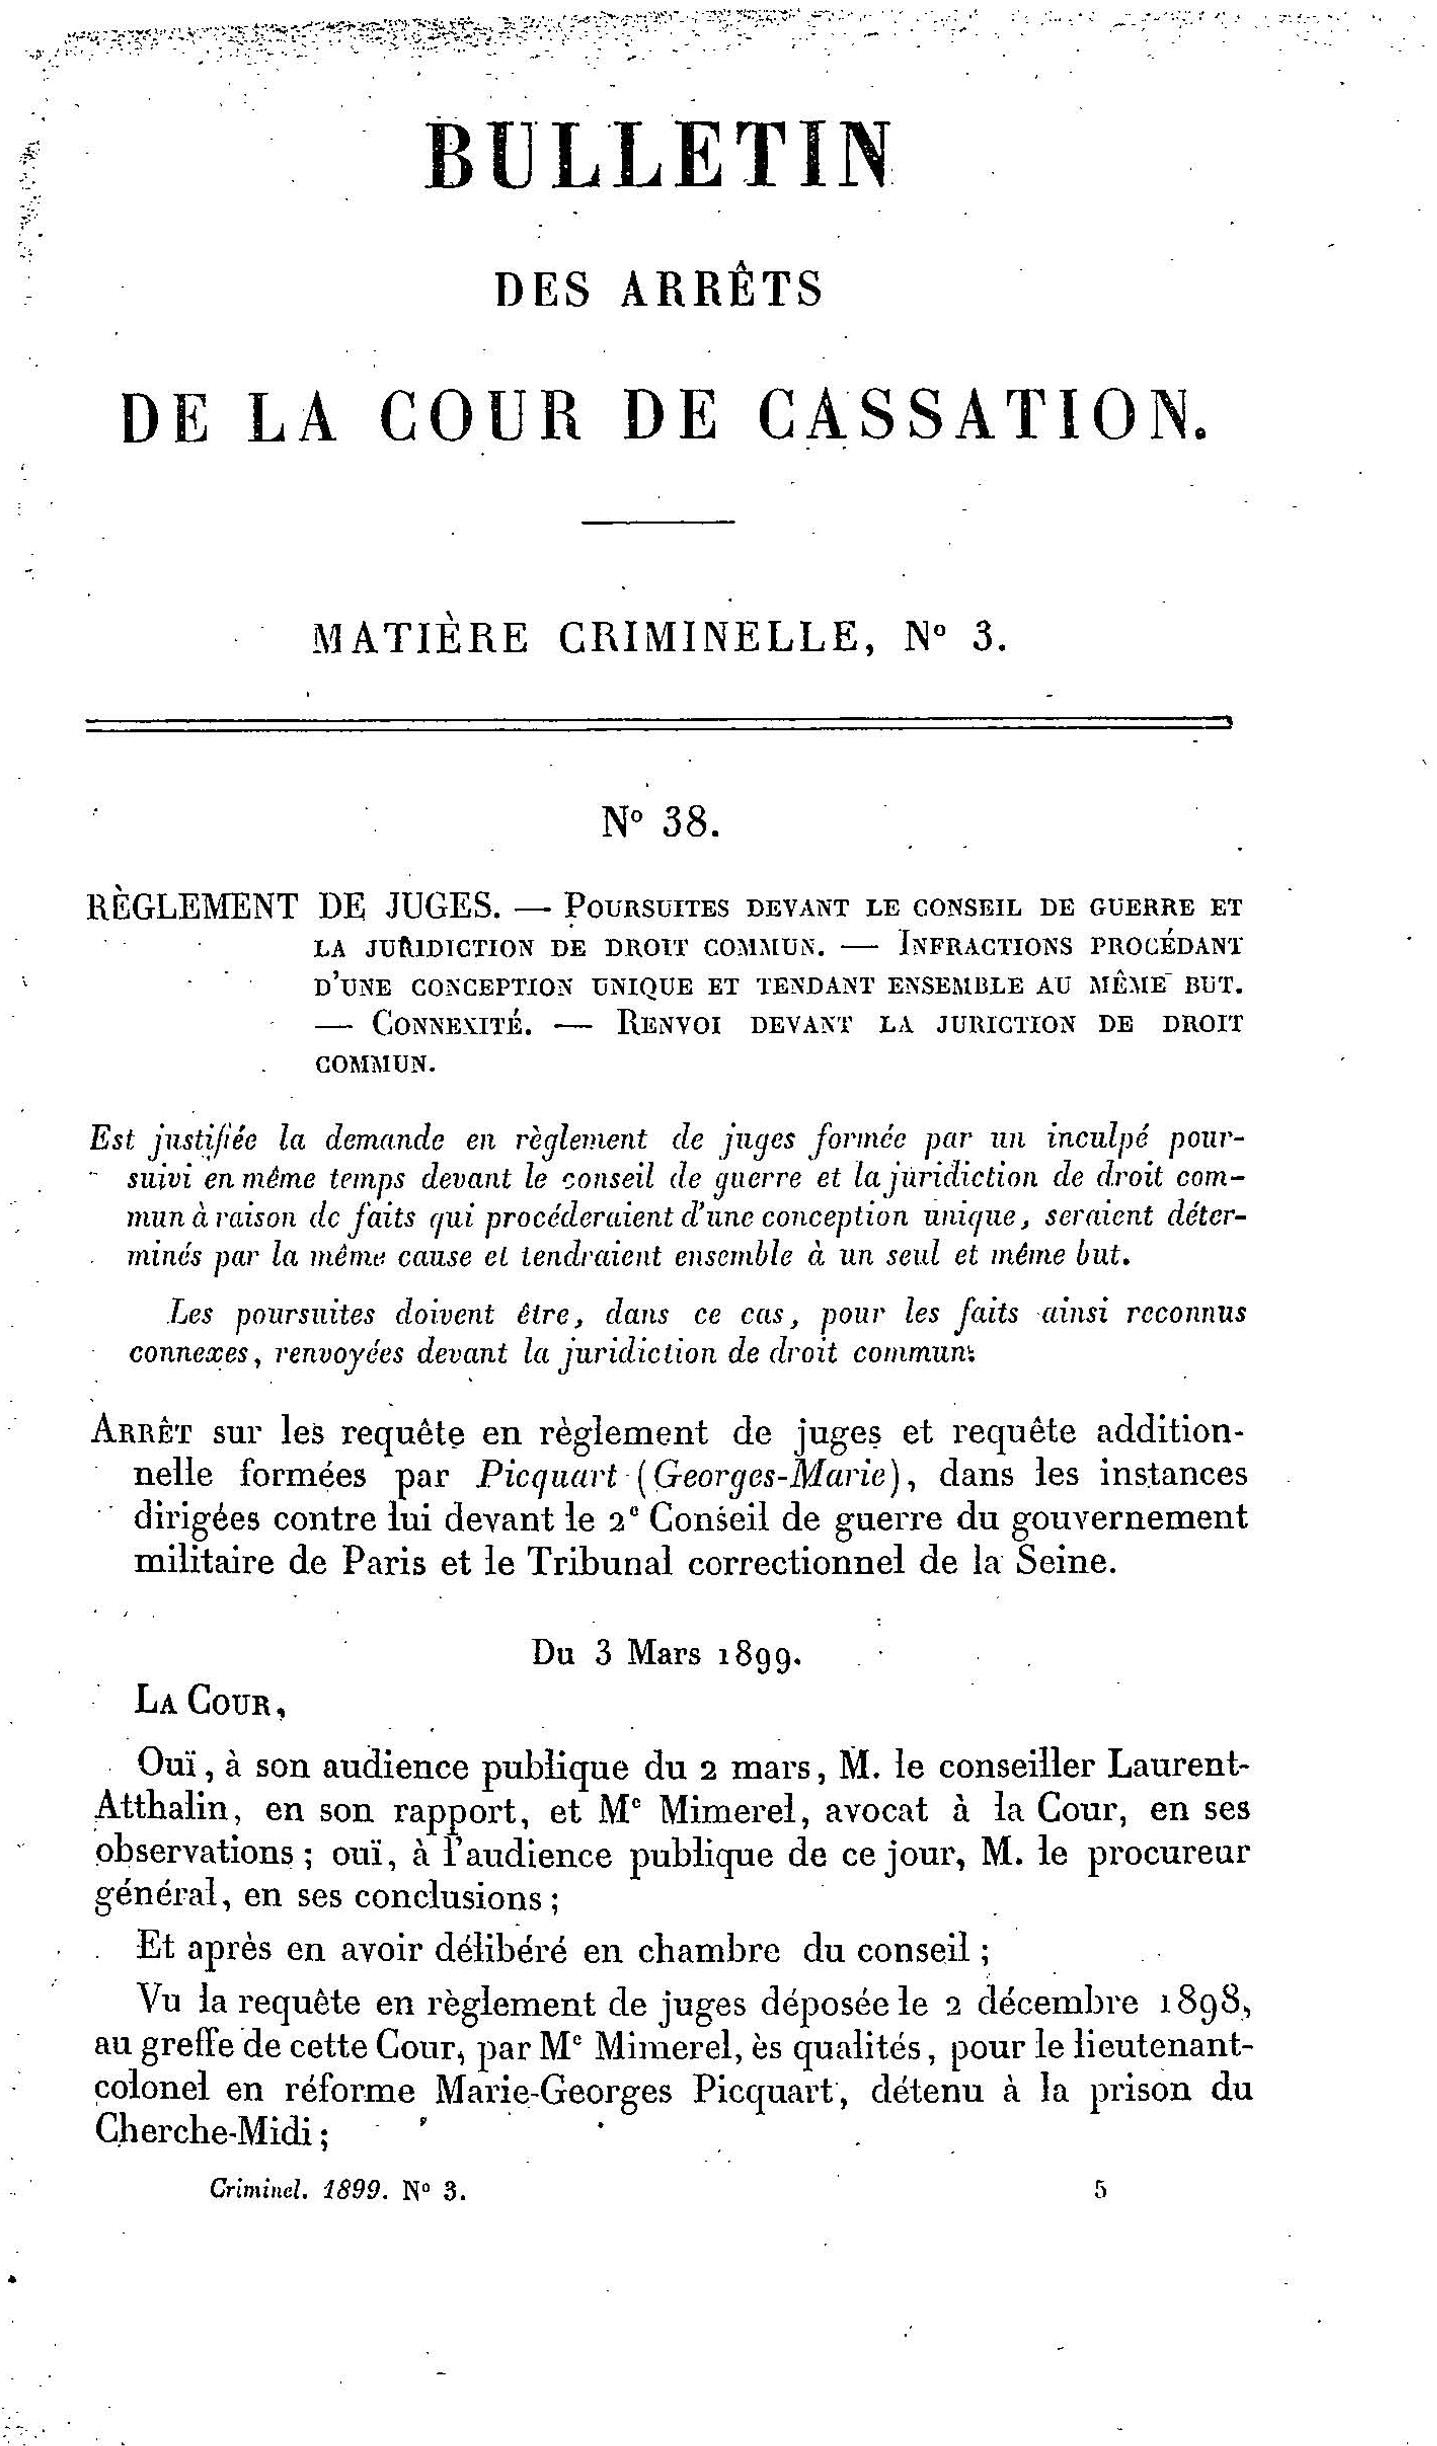 http://expo-paulviollet.univ-paris1.fr/wp-content/uploads/2017/09/Bulletin-cour-de-cass-1899-tome-104-numéro-3_Page_1.jpg